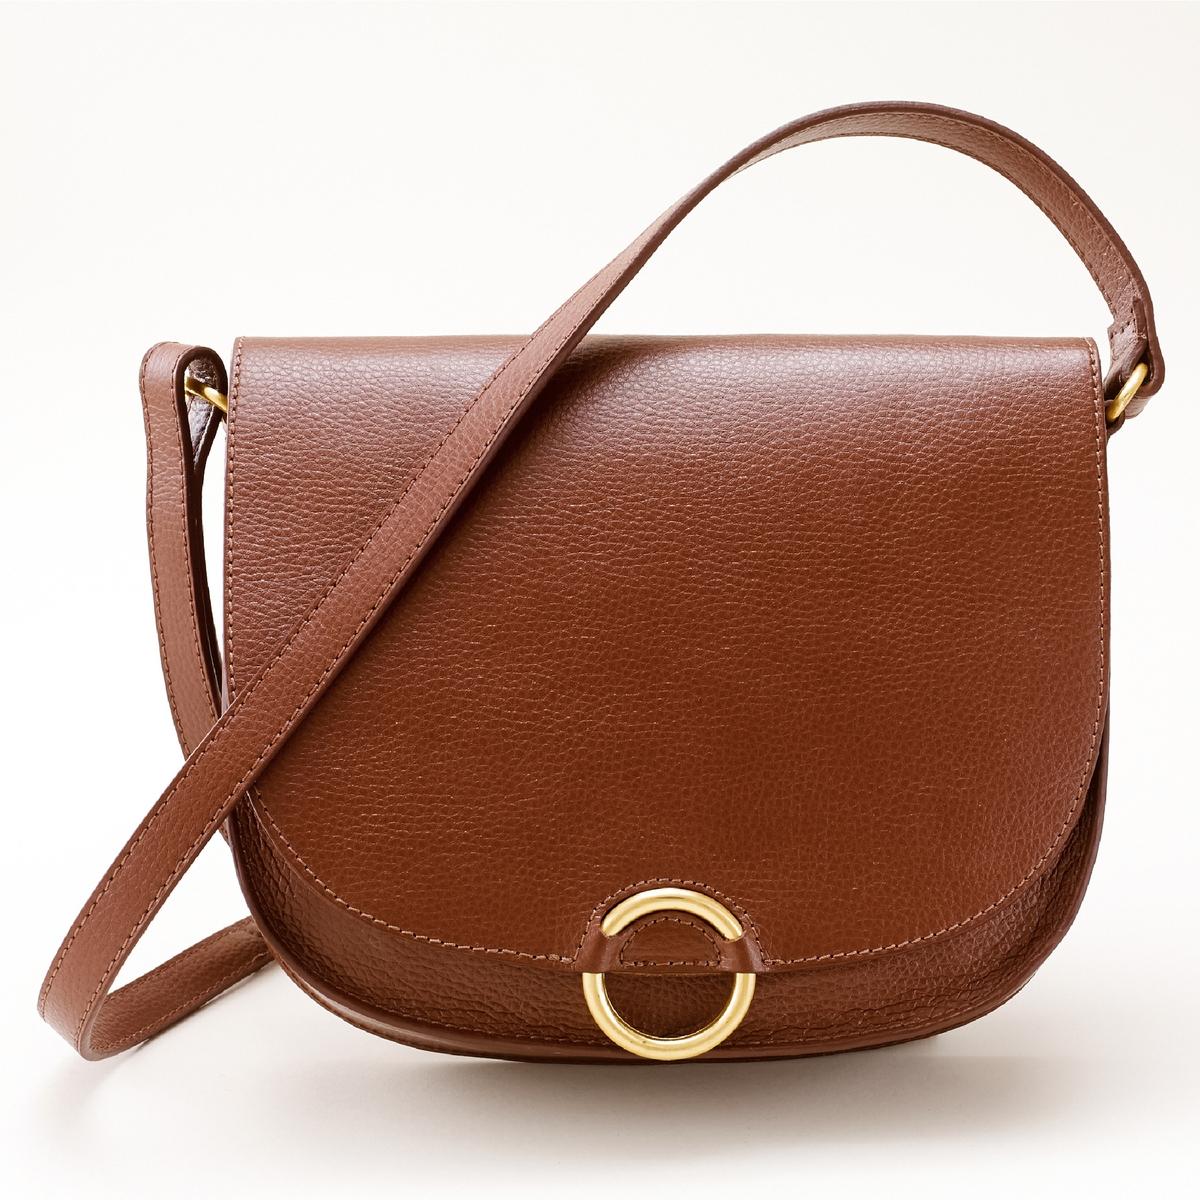 СумкаСумка, R essentiel. Красивая сумка в винтажном стиле, очень женственная, округлые формы. Состав и описаниеМатериал верх : яловичная кожа                          подкладка : текстильМарка R essentielРазмеры : 23 x 26 x 6,5 смЗастежка :на магнитную кнопку2 внутренних кармана.<br><br>Цвет: темно-бежевый,черный<br>Размер: единый размер.единый размер